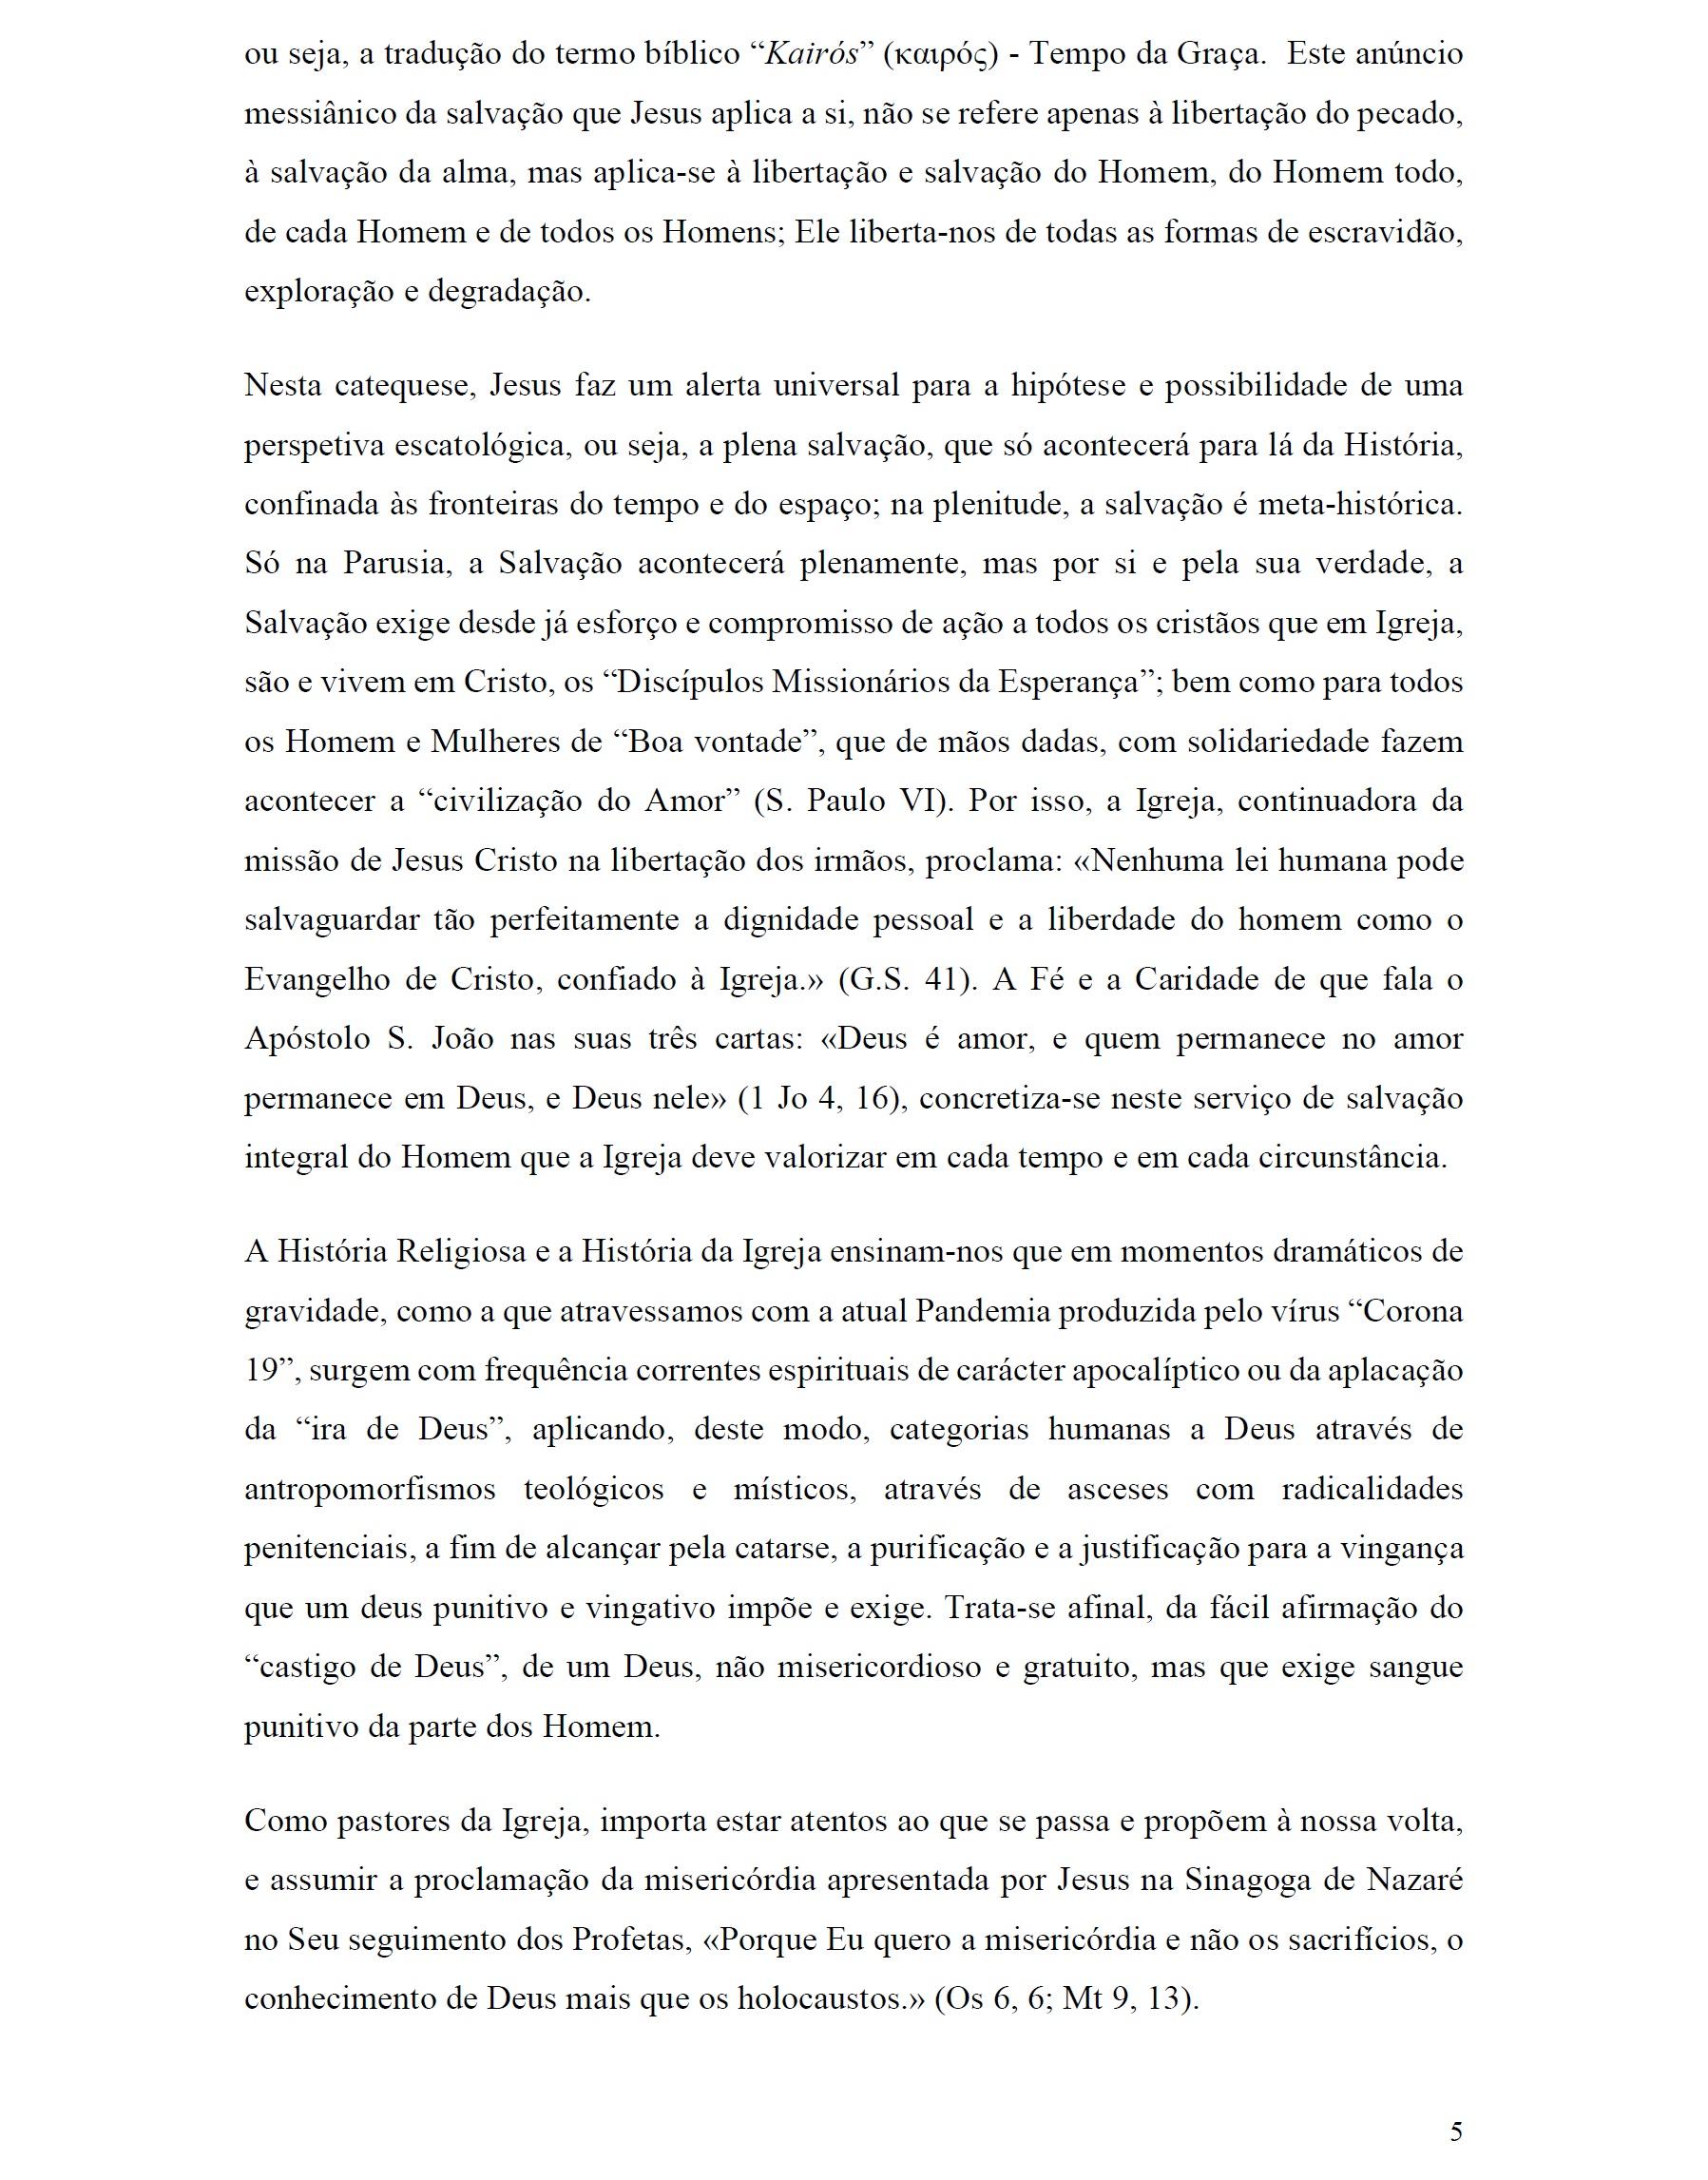 2 - Carta ao Presbitério de Évora 03_04_2020_5